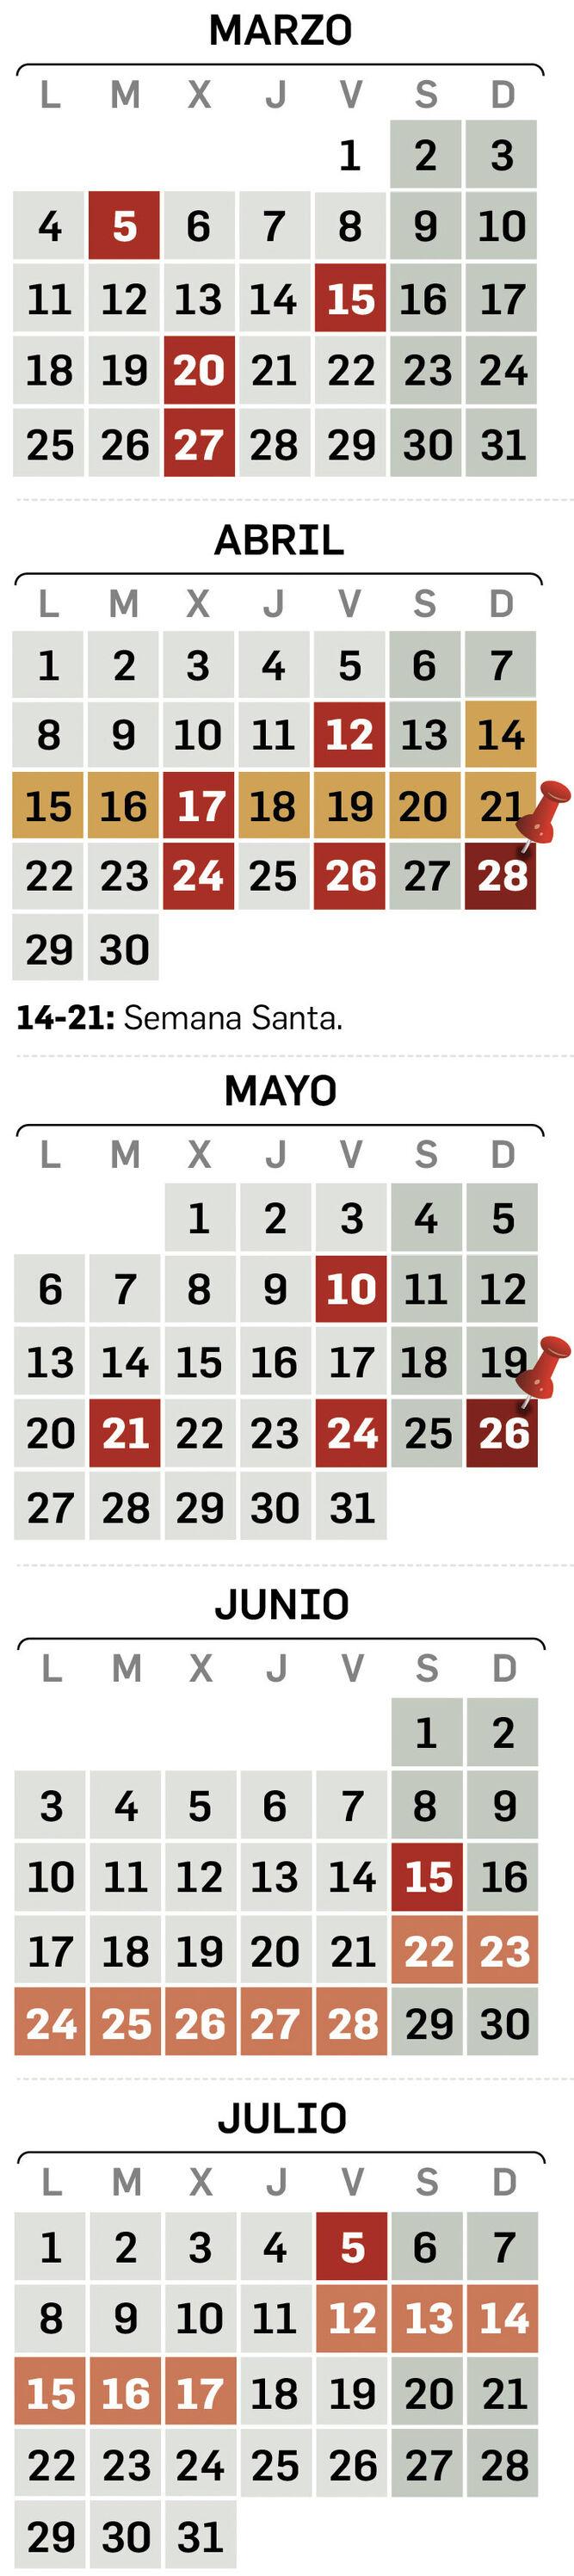 Calendario Elecciones Generales 2020.Calendario Electoral 2019